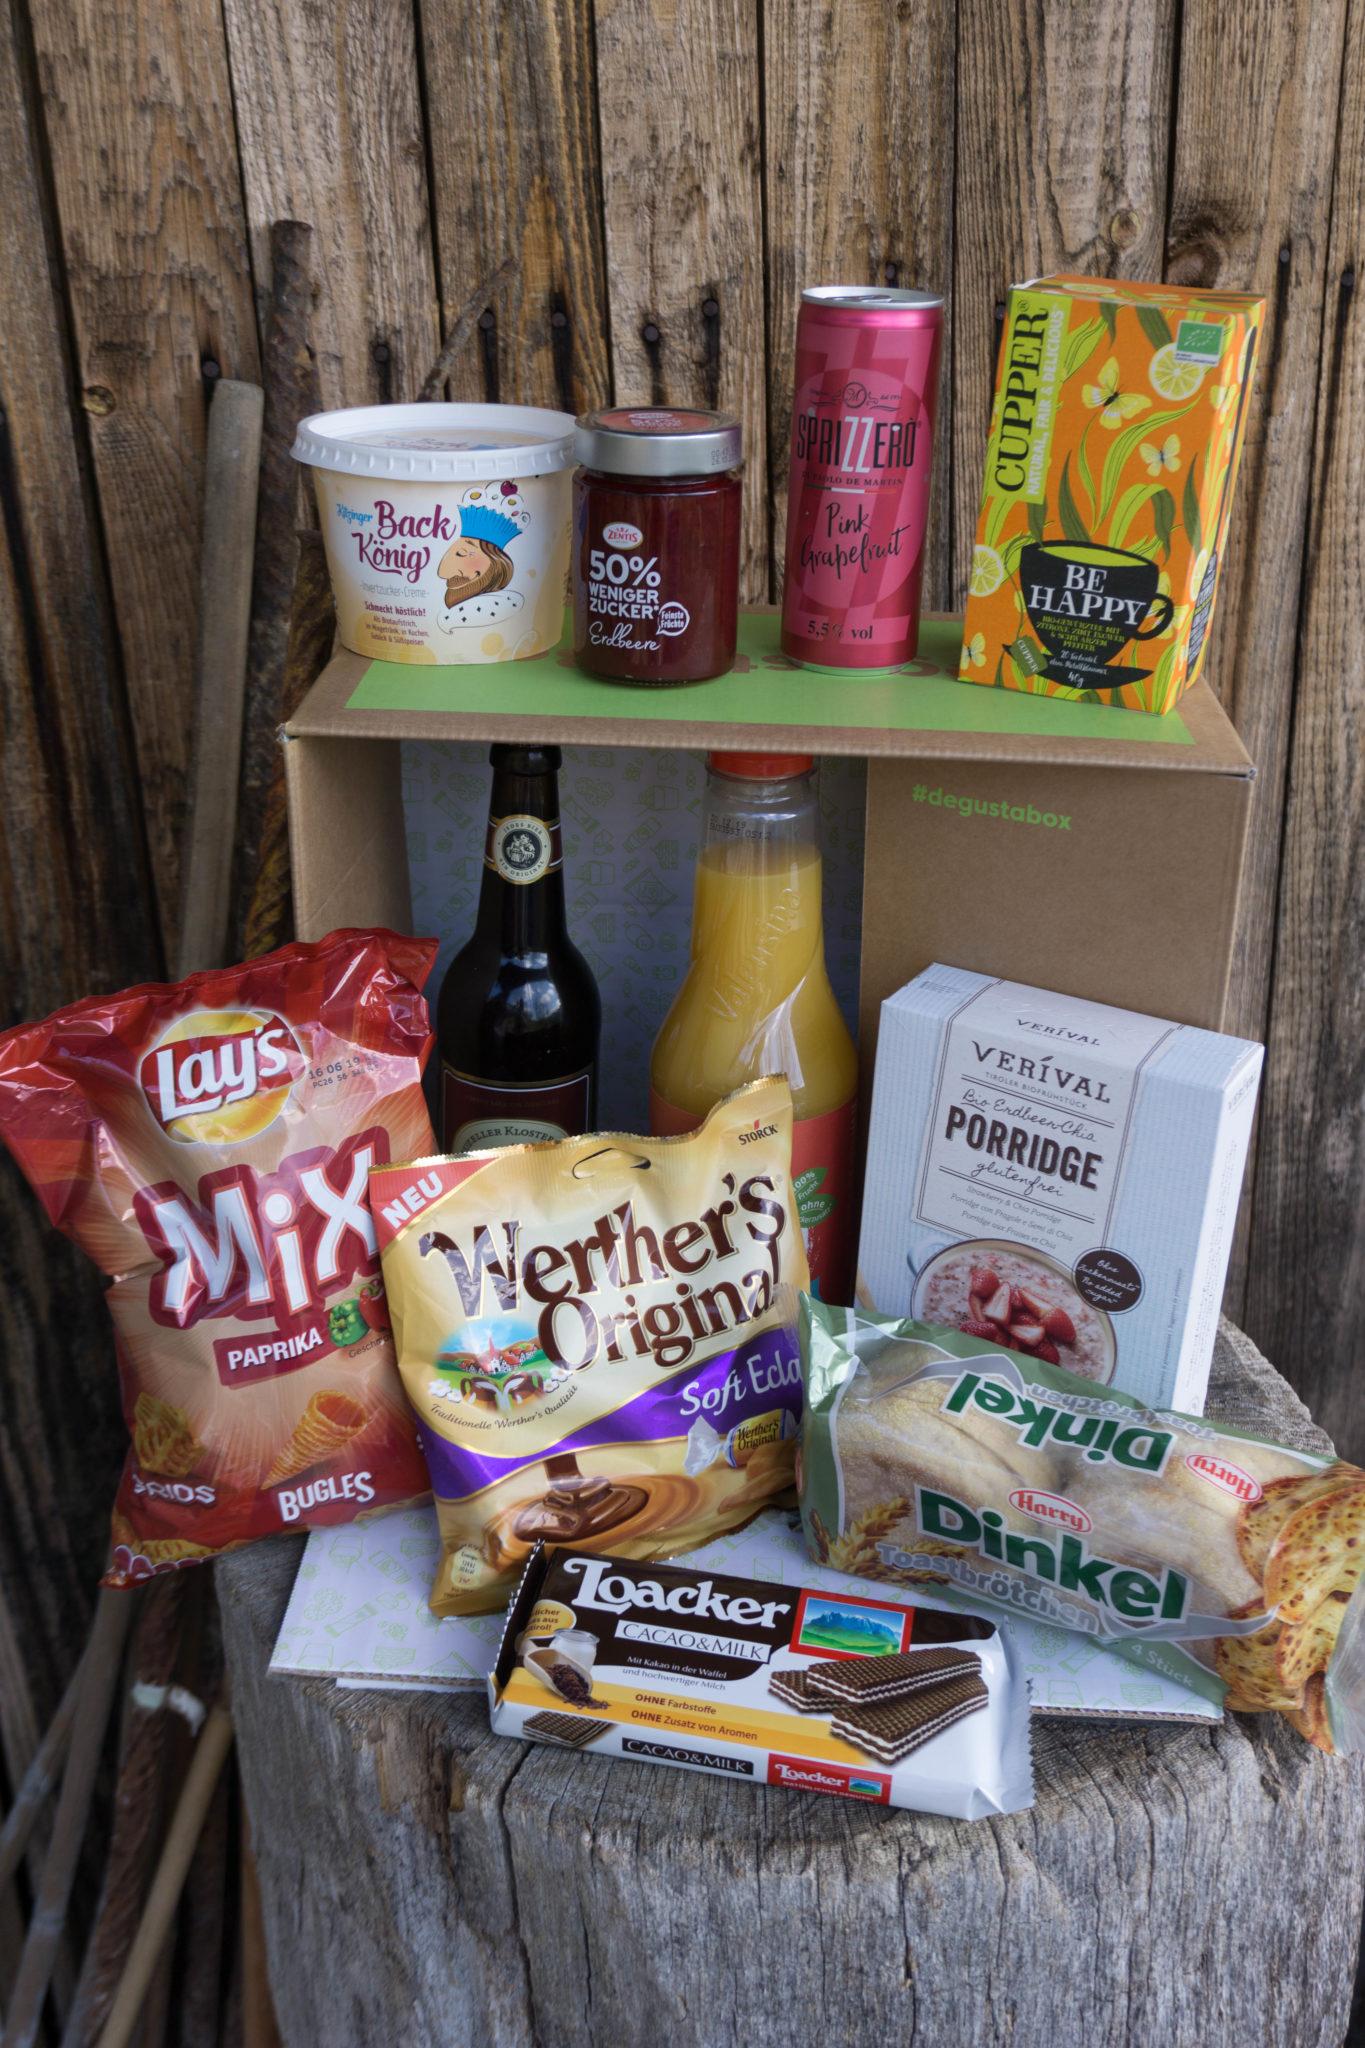 Degusta Box – OSTERBRUNCH BOX